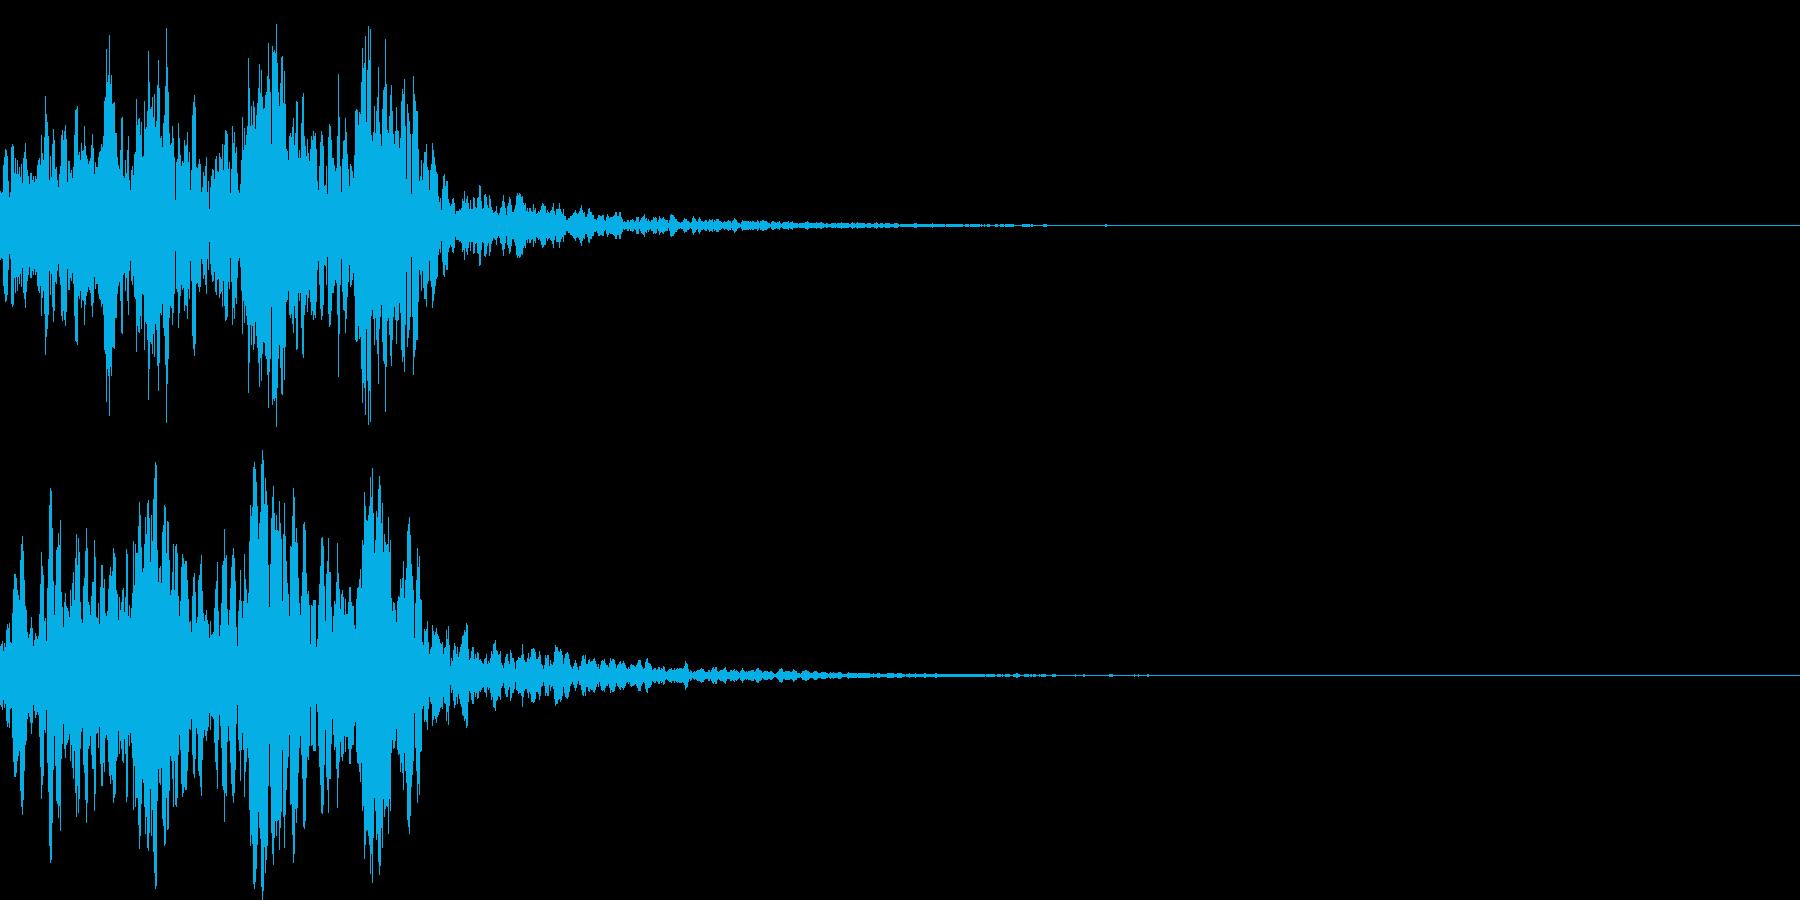 鼓(つづみ)太鼓のフレーズ ジングル01の再生済みの波形